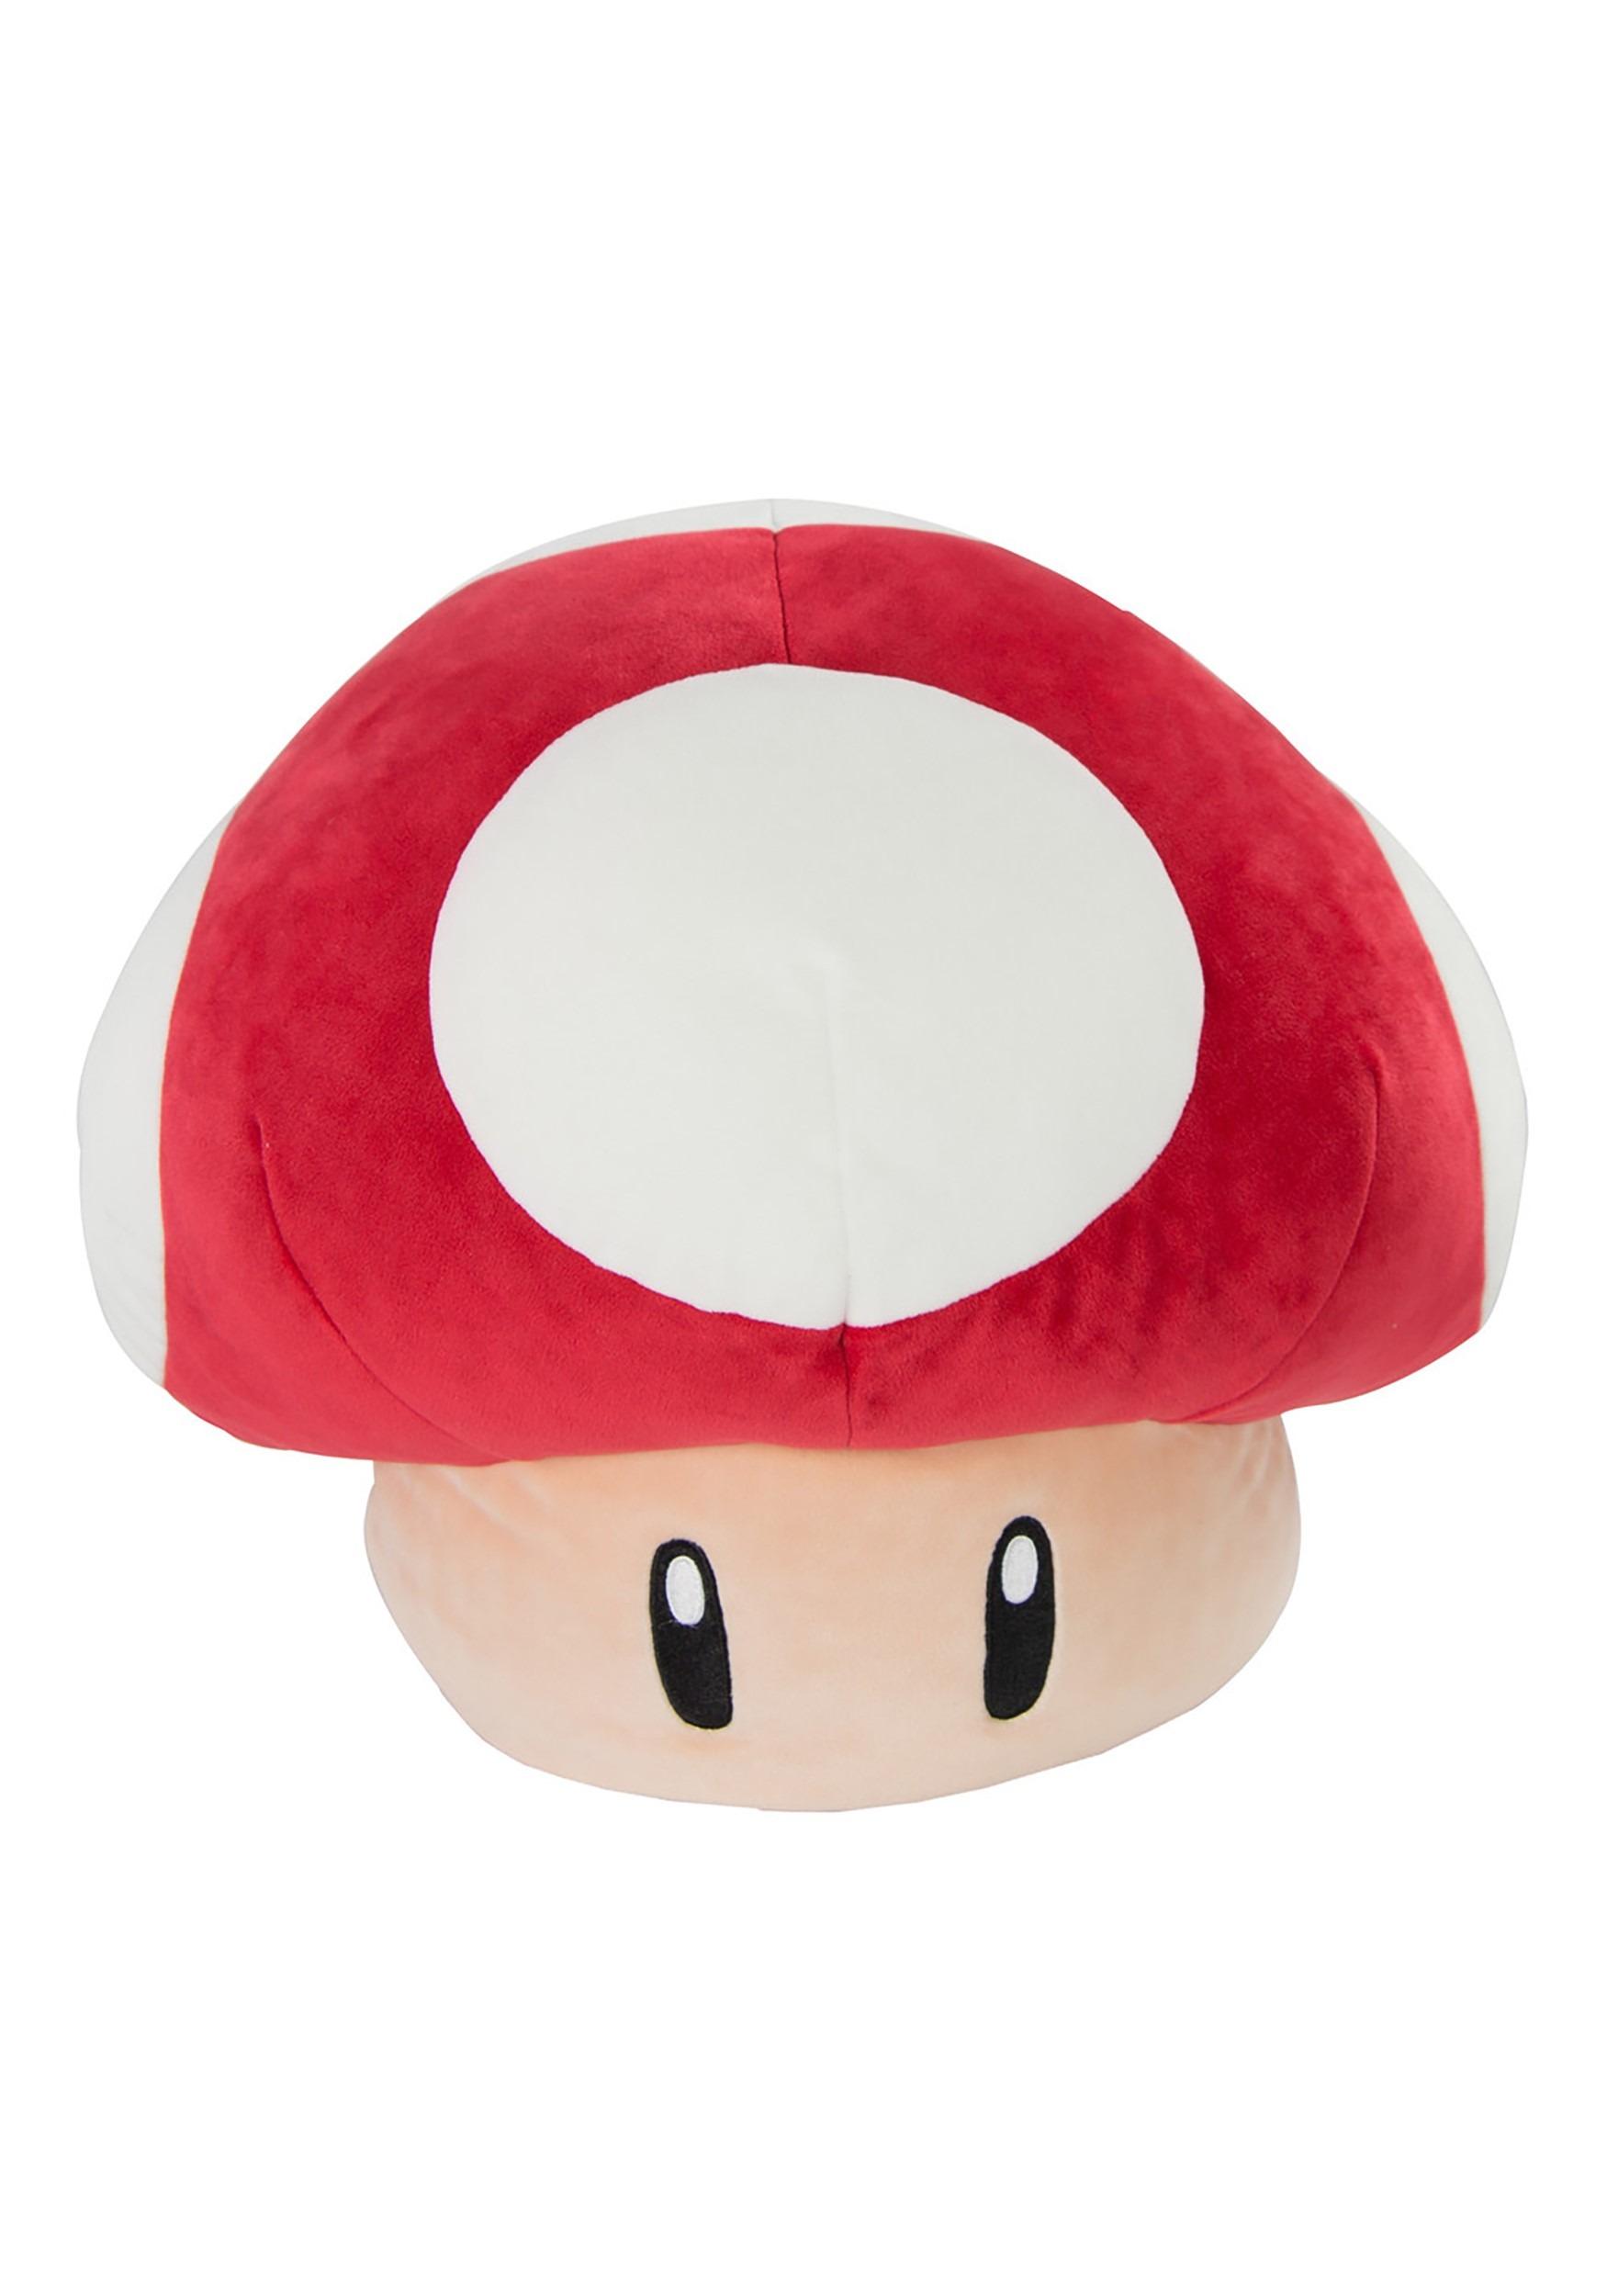 Mario Kart Mega Mushroom Stuffed Plush Figure